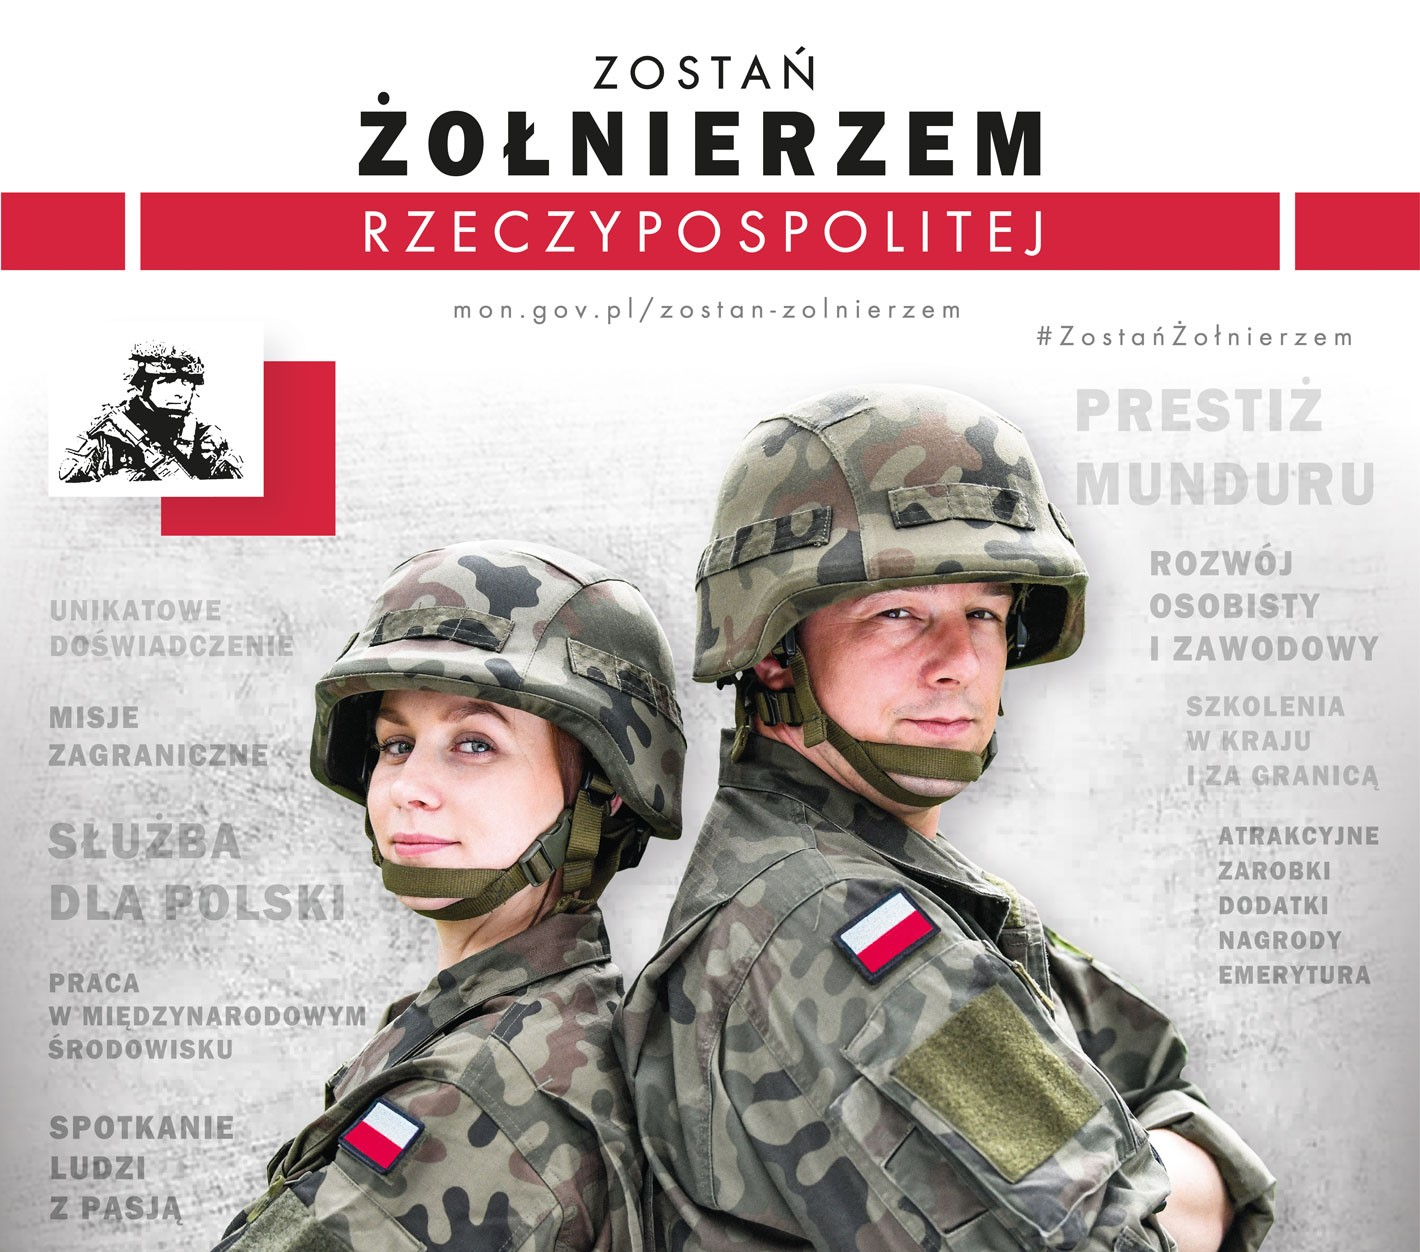 Piknik Wojskowy wraz z Plenerowym Pokazem Filmowym - Zdjęcie główne